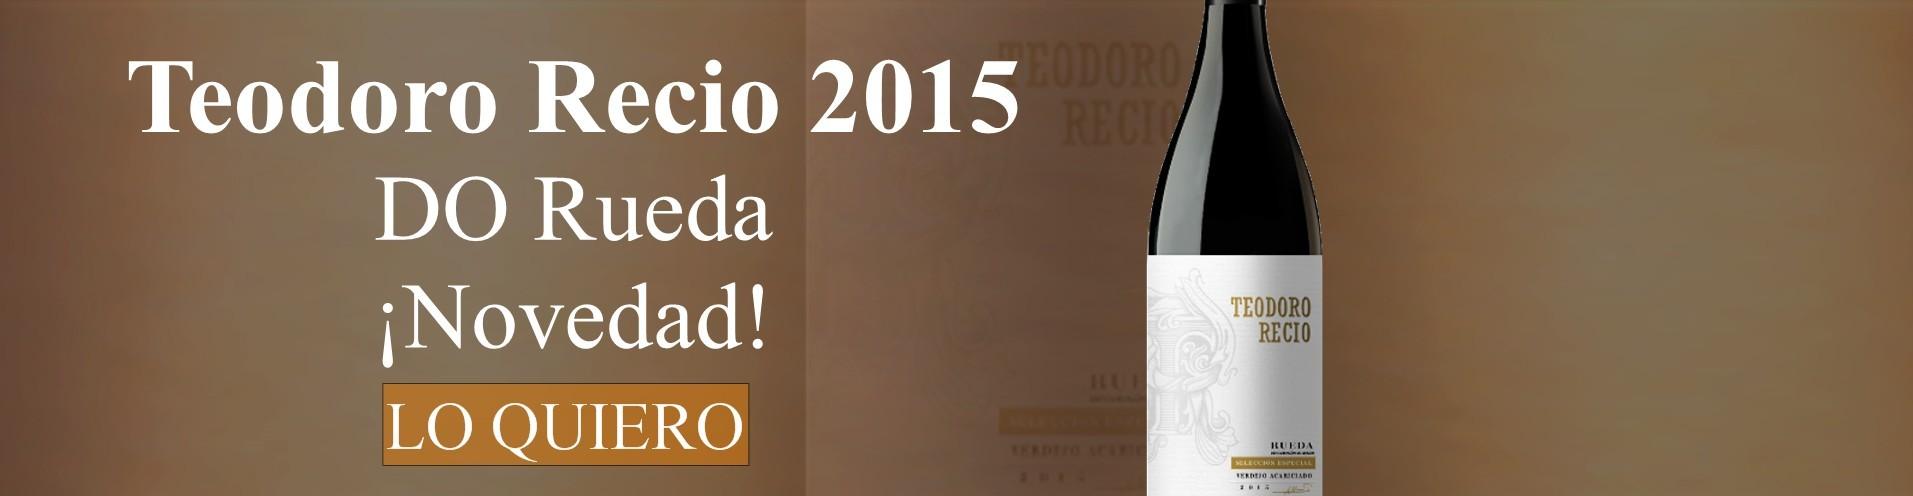 Teodoro Recio 2015 - Vino Blanco DO Rueda